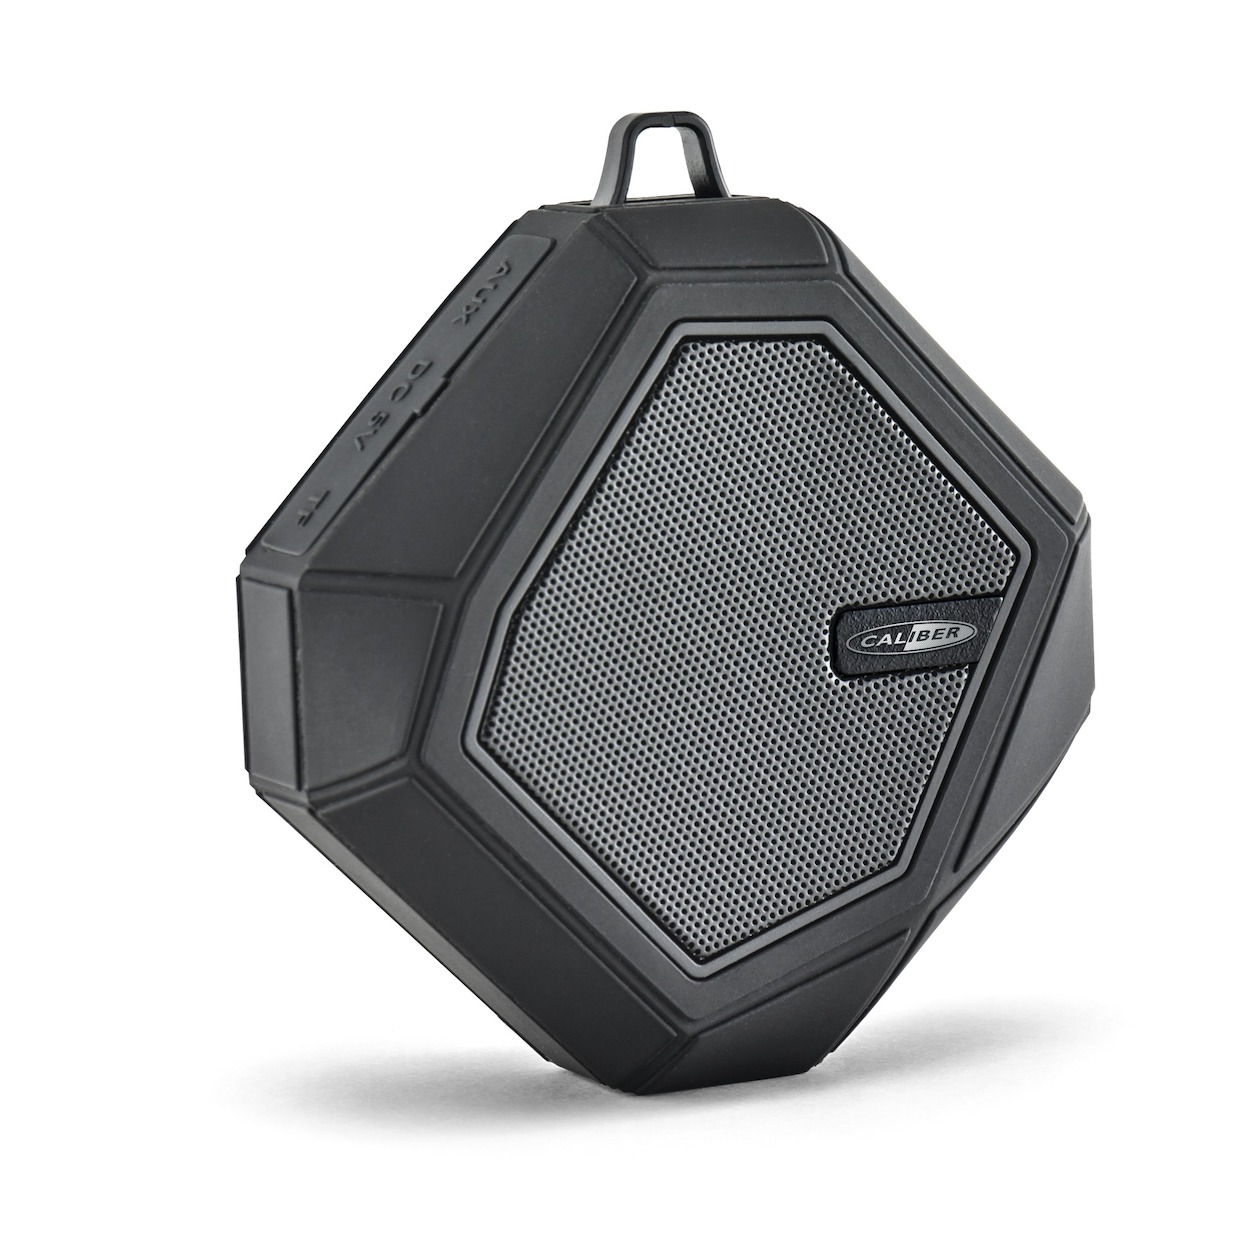 Caliber bluetooth speaker HPG327BT zwart